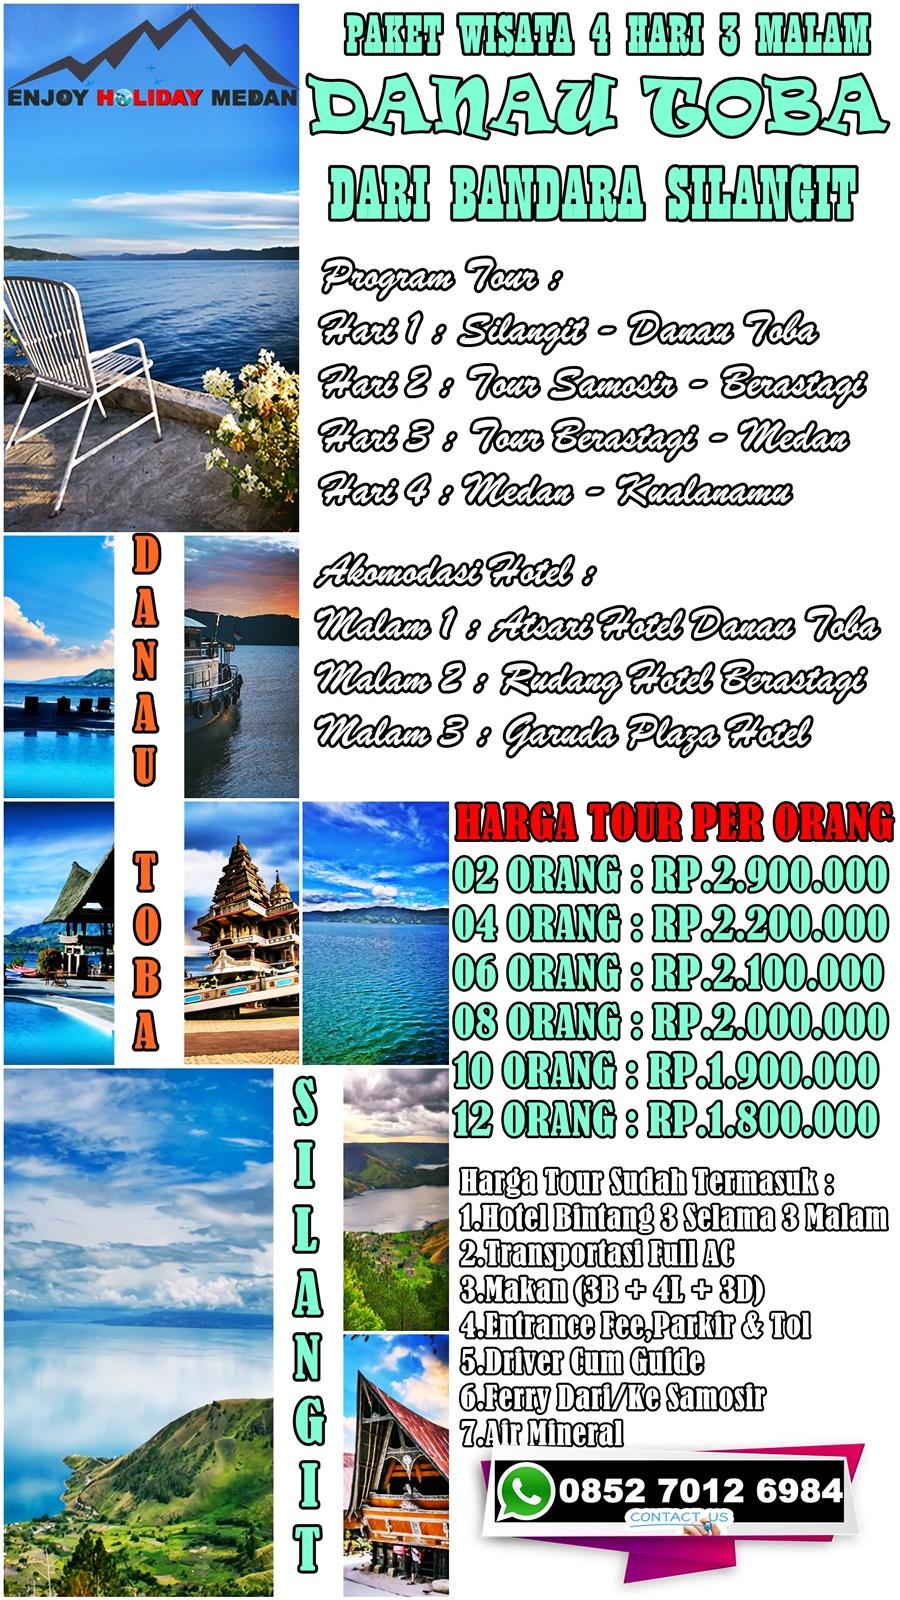 Paket Wisata Danau Toba Dari Bandara Silangit 4 Hari 3 Malam